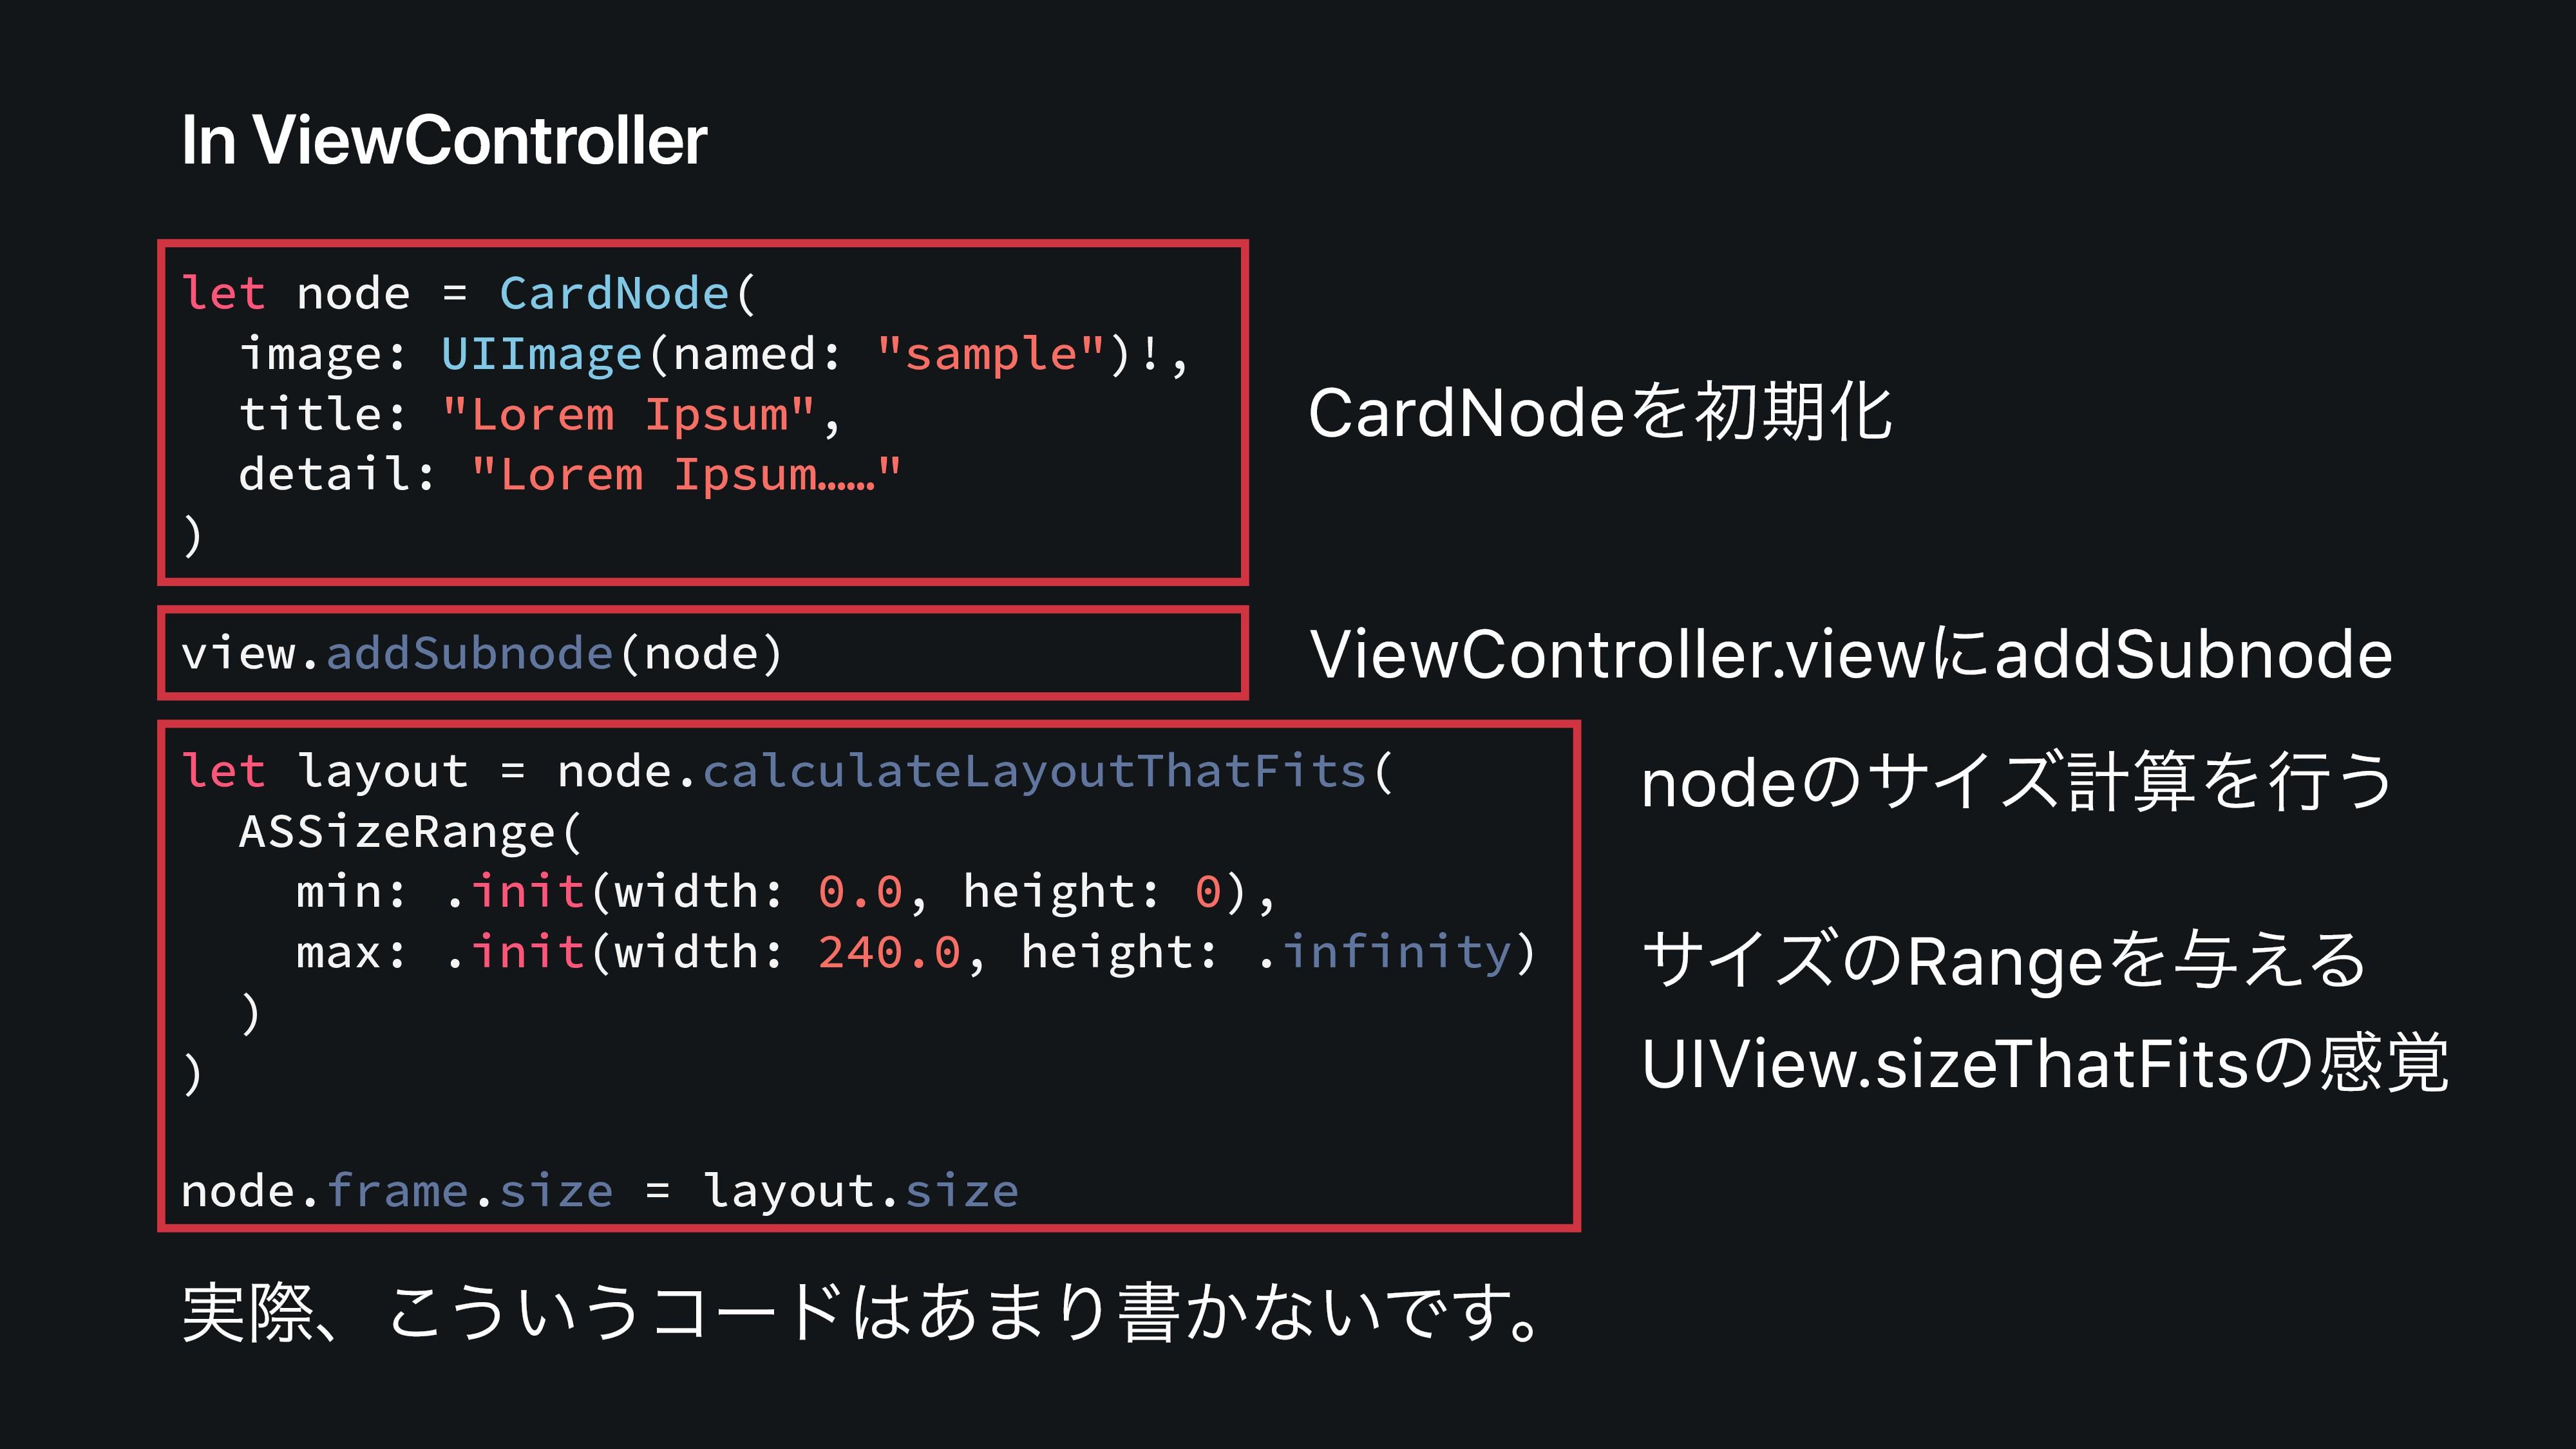 """let node = CardNode( image: UIImage(named: """"sam..."""